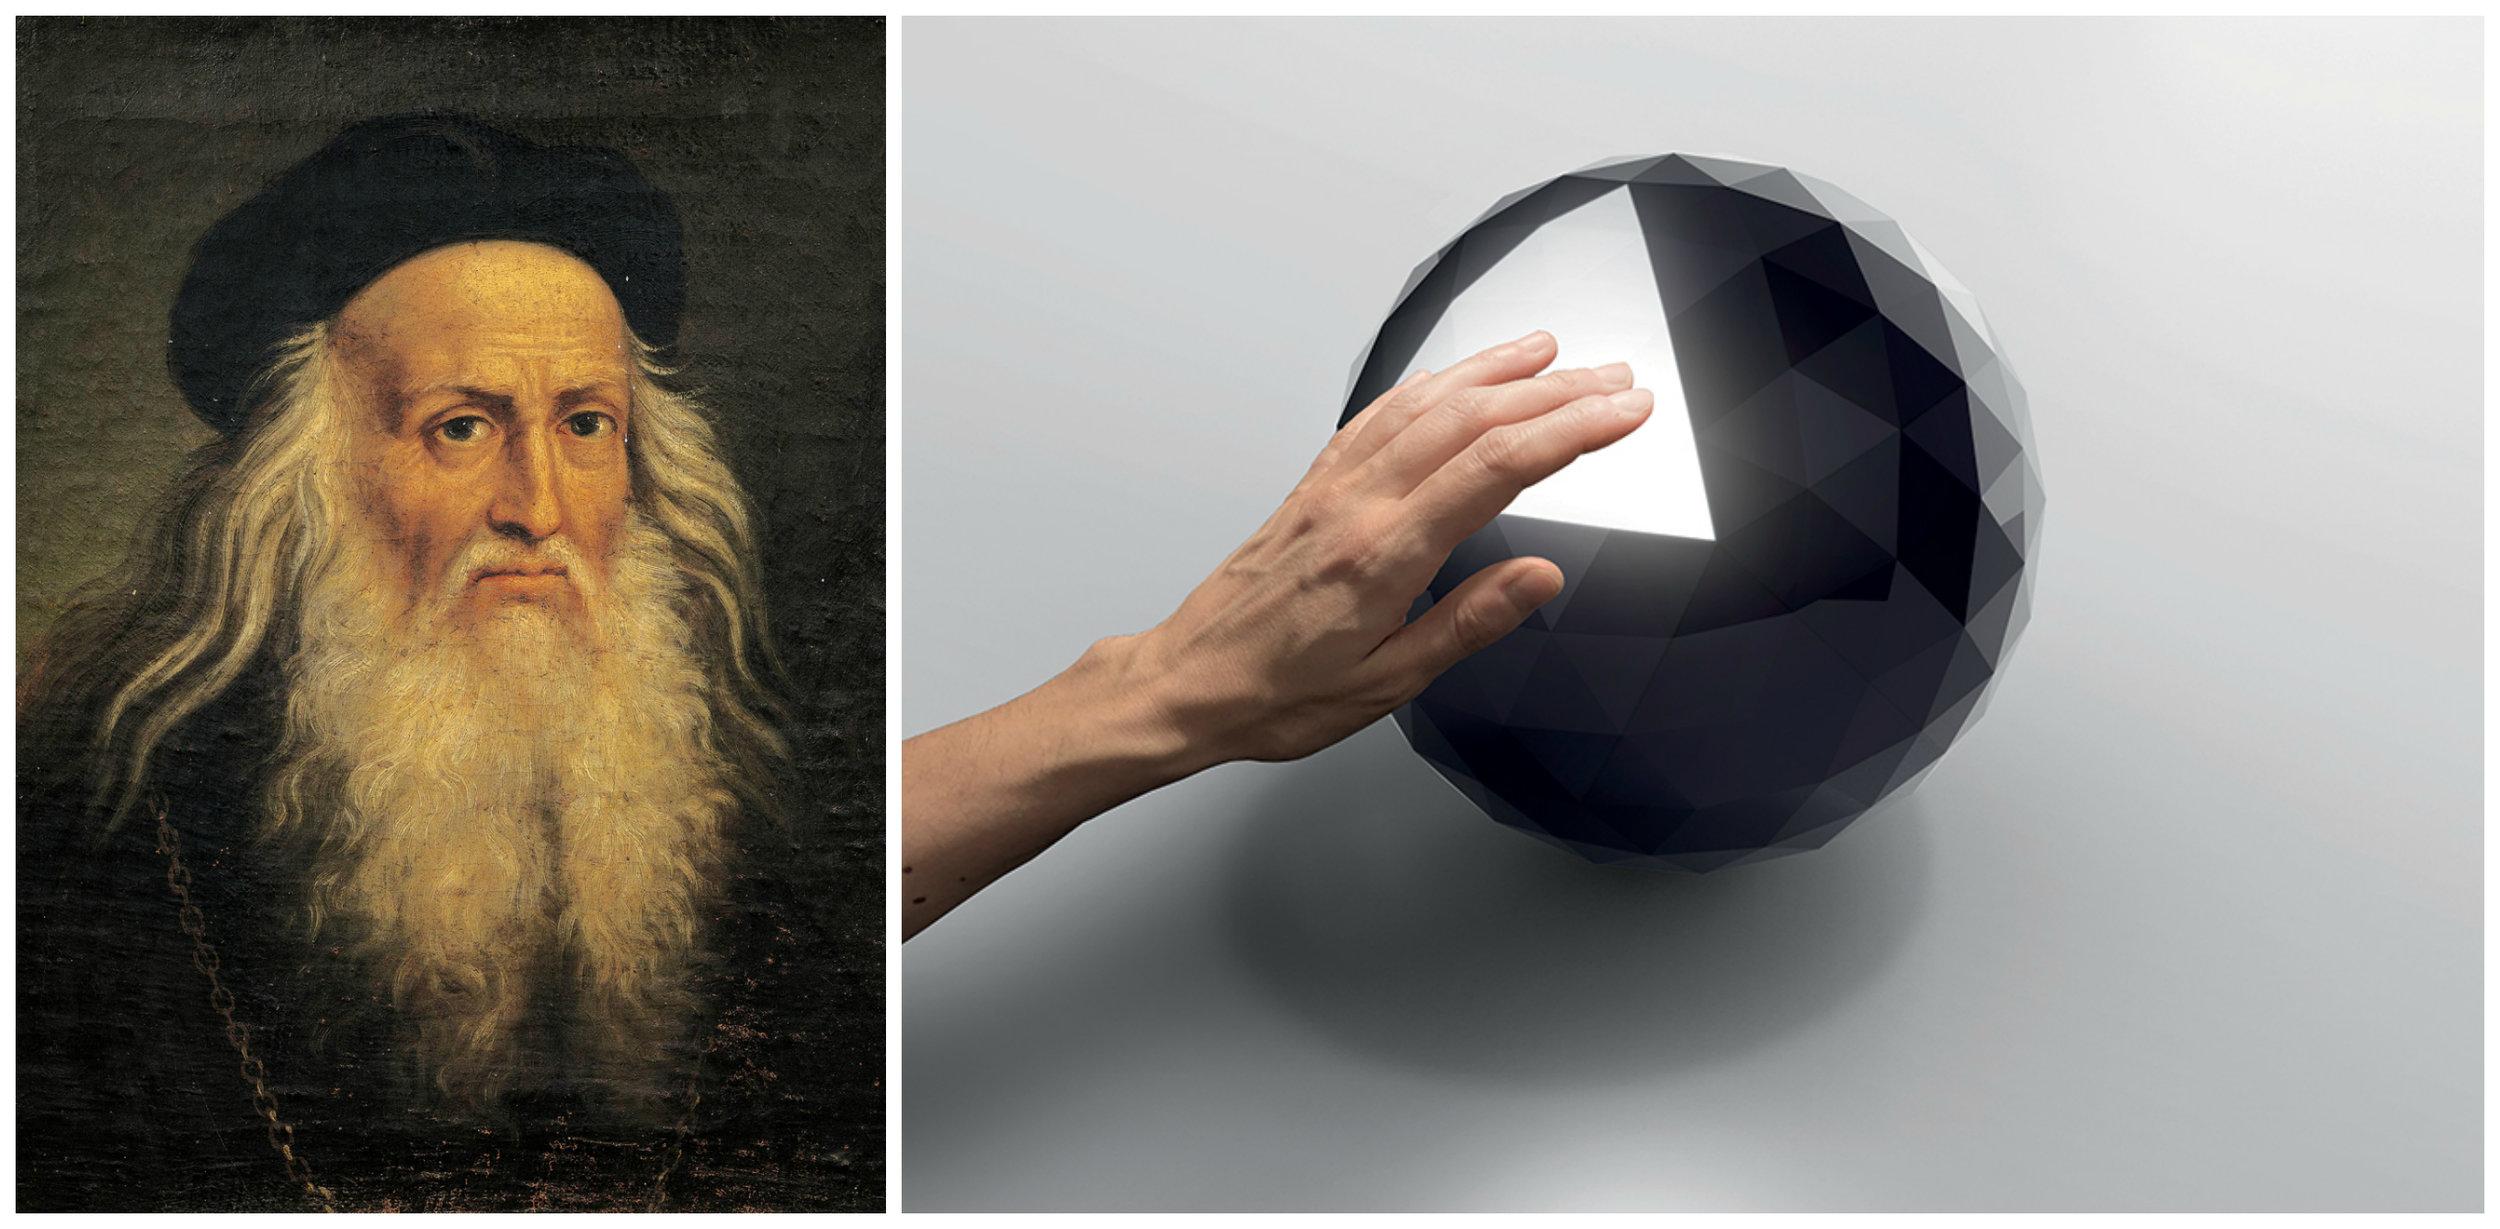 Photograph of a portrait of Leonardo Da Vinci, De Agostini/Getty  via National Geographic ; Huara by Artemide,  via Metropolis